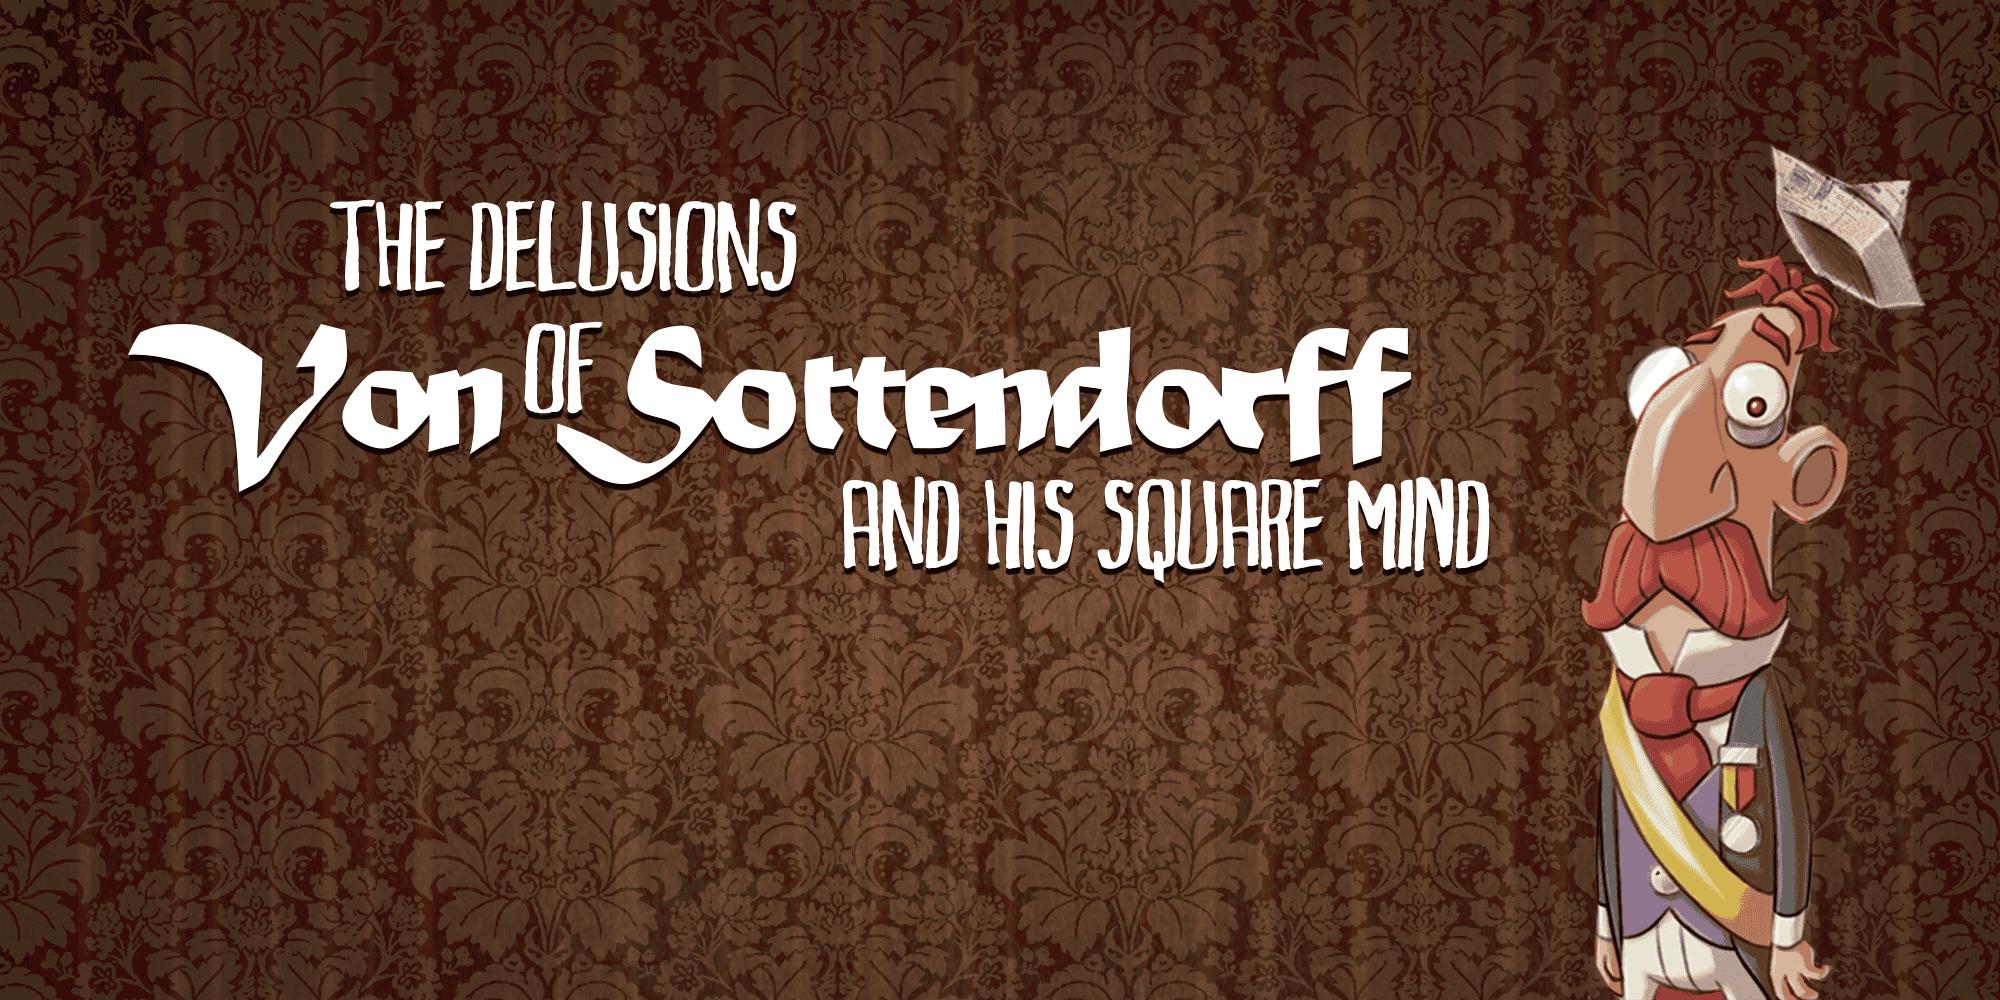 Los delirios de von sottendorrf (1)